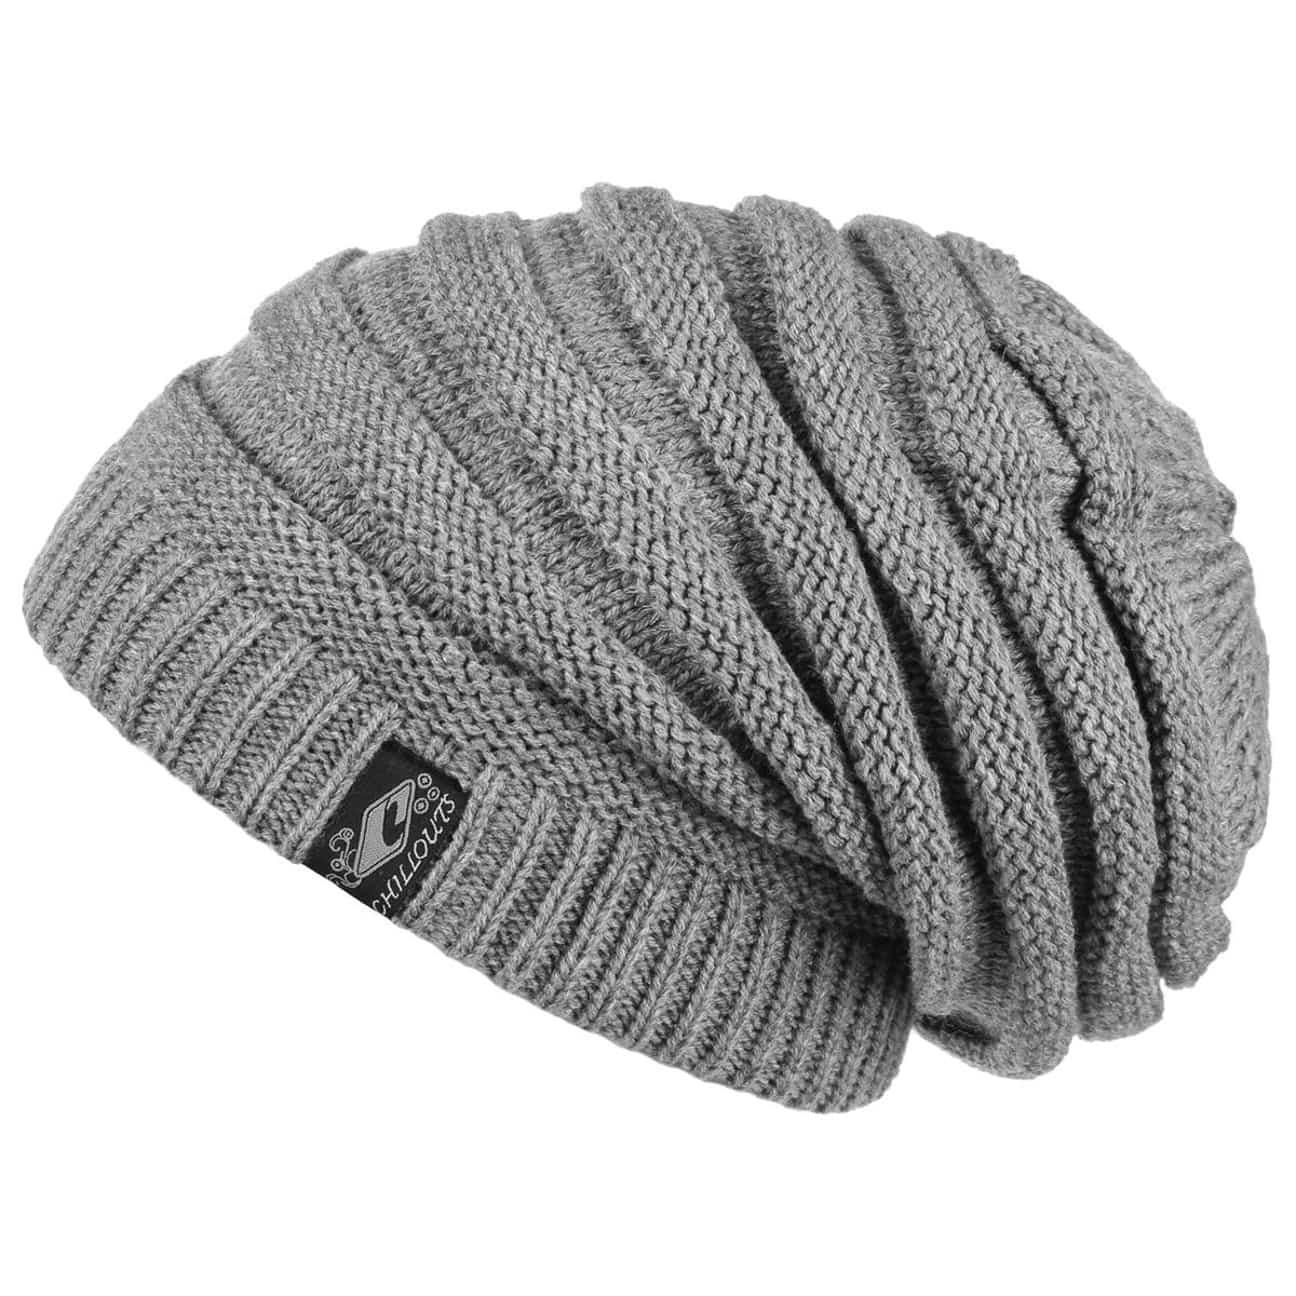 e86efa7664223 Bonnet Brian Oversize by Chillouts, EUR 24,95 --> Chapeaux ...